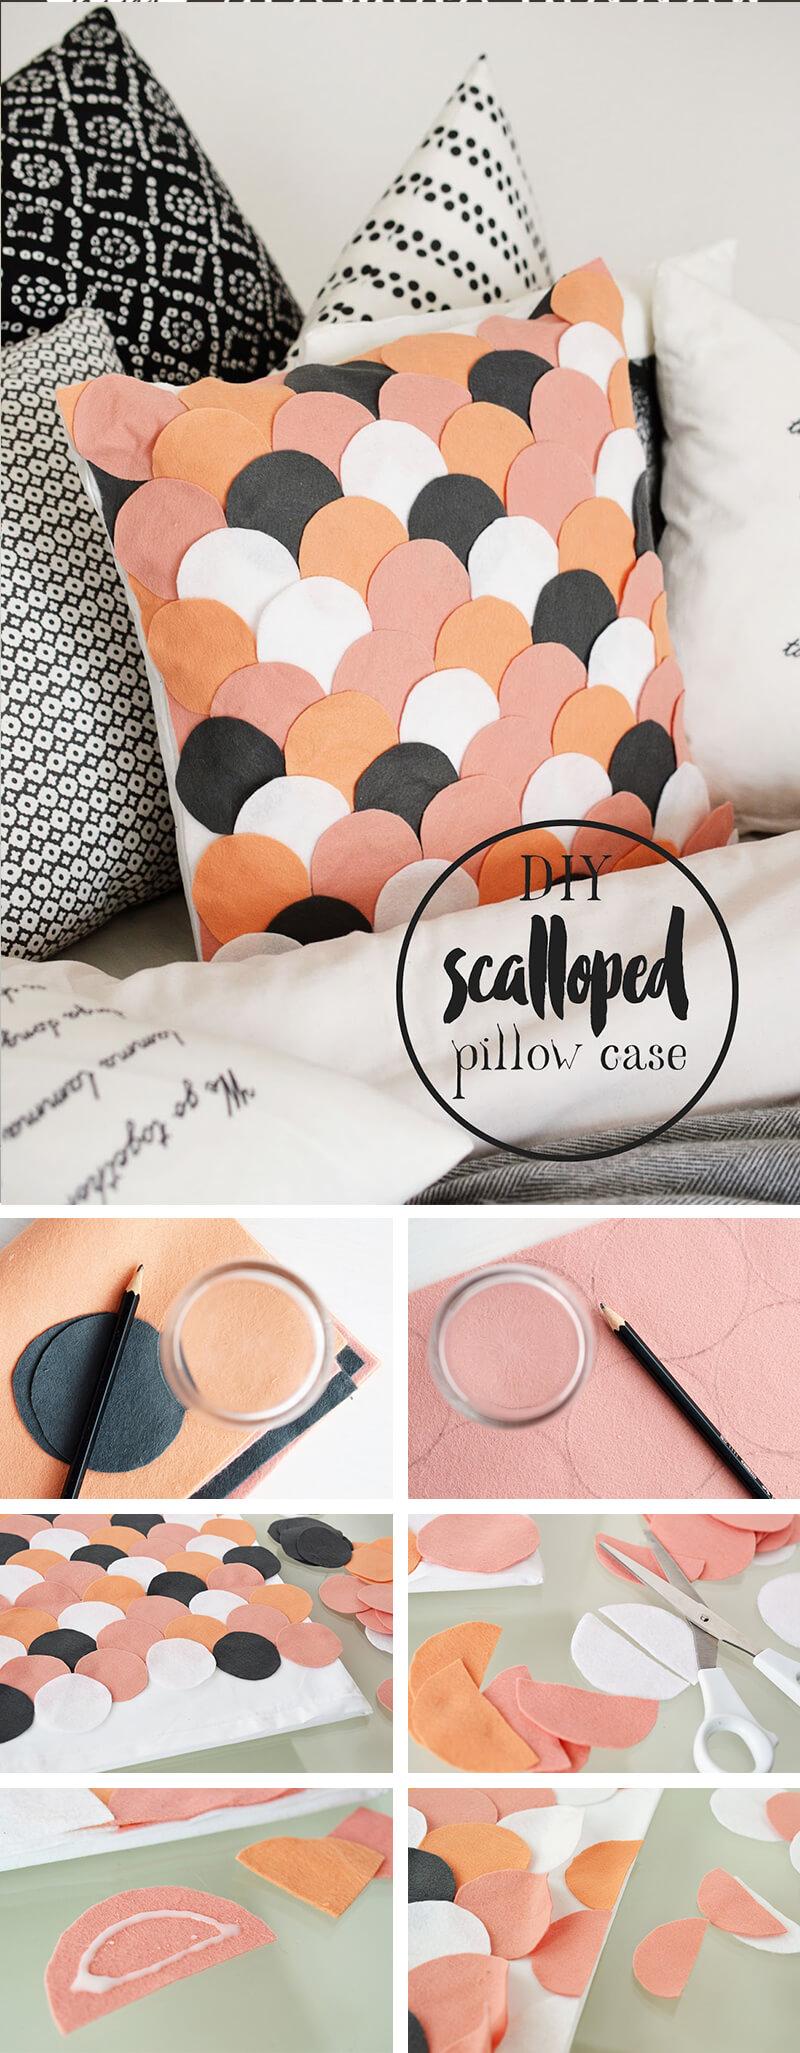 26 niedliche DIY-Kissen-Ideen, die jeden Raum erhellen können